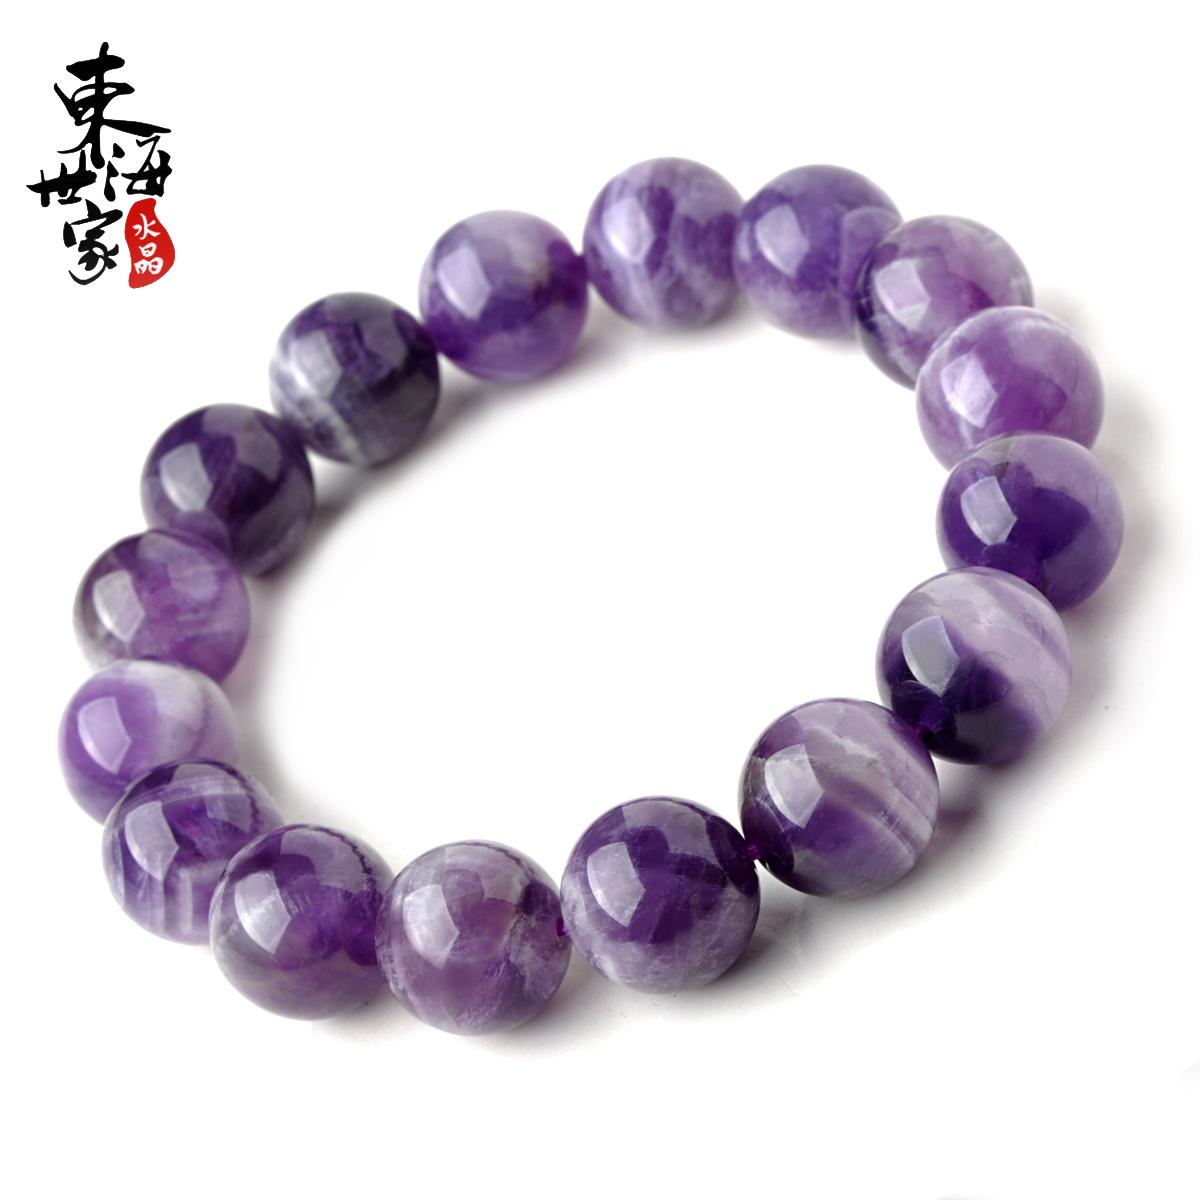 東海世家 夢幻紫水晶手鏈 水晶單圈手串情侶 甜美飾品男女